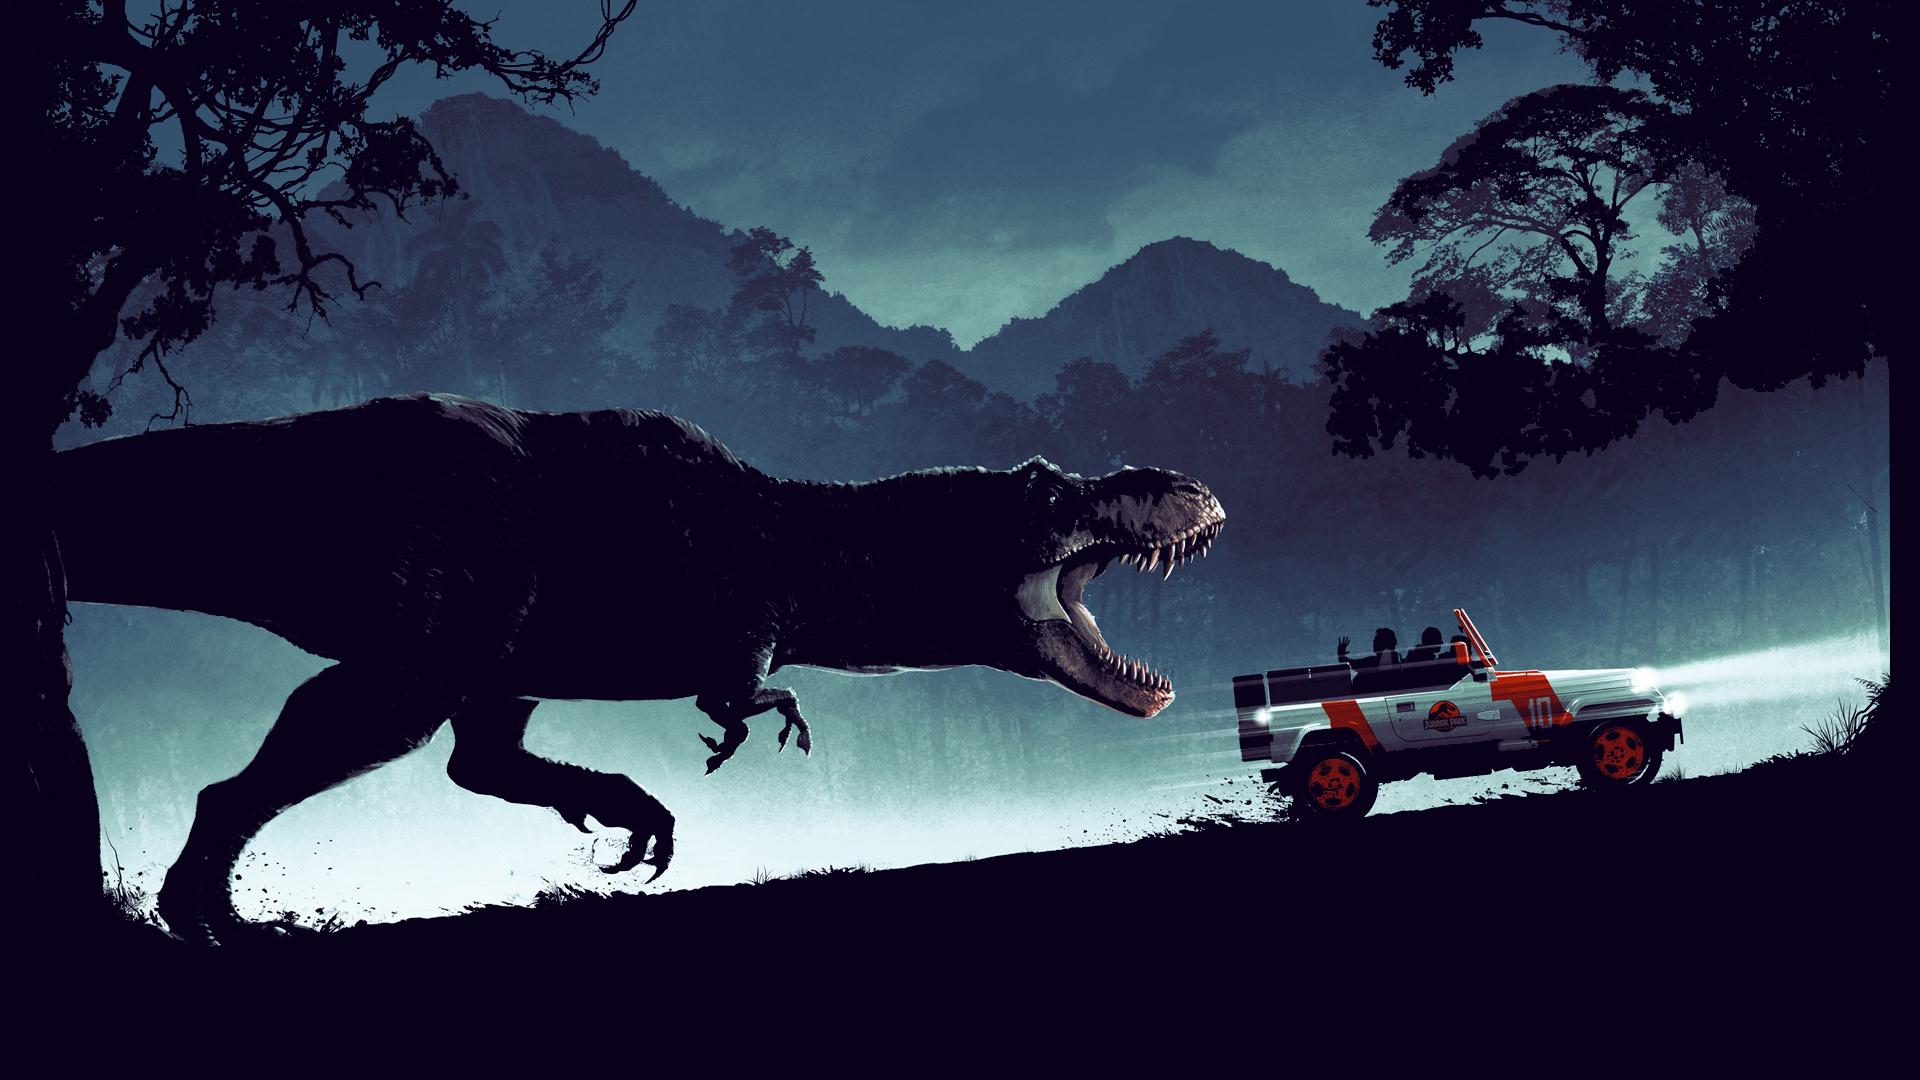 Jurassic Park fan art